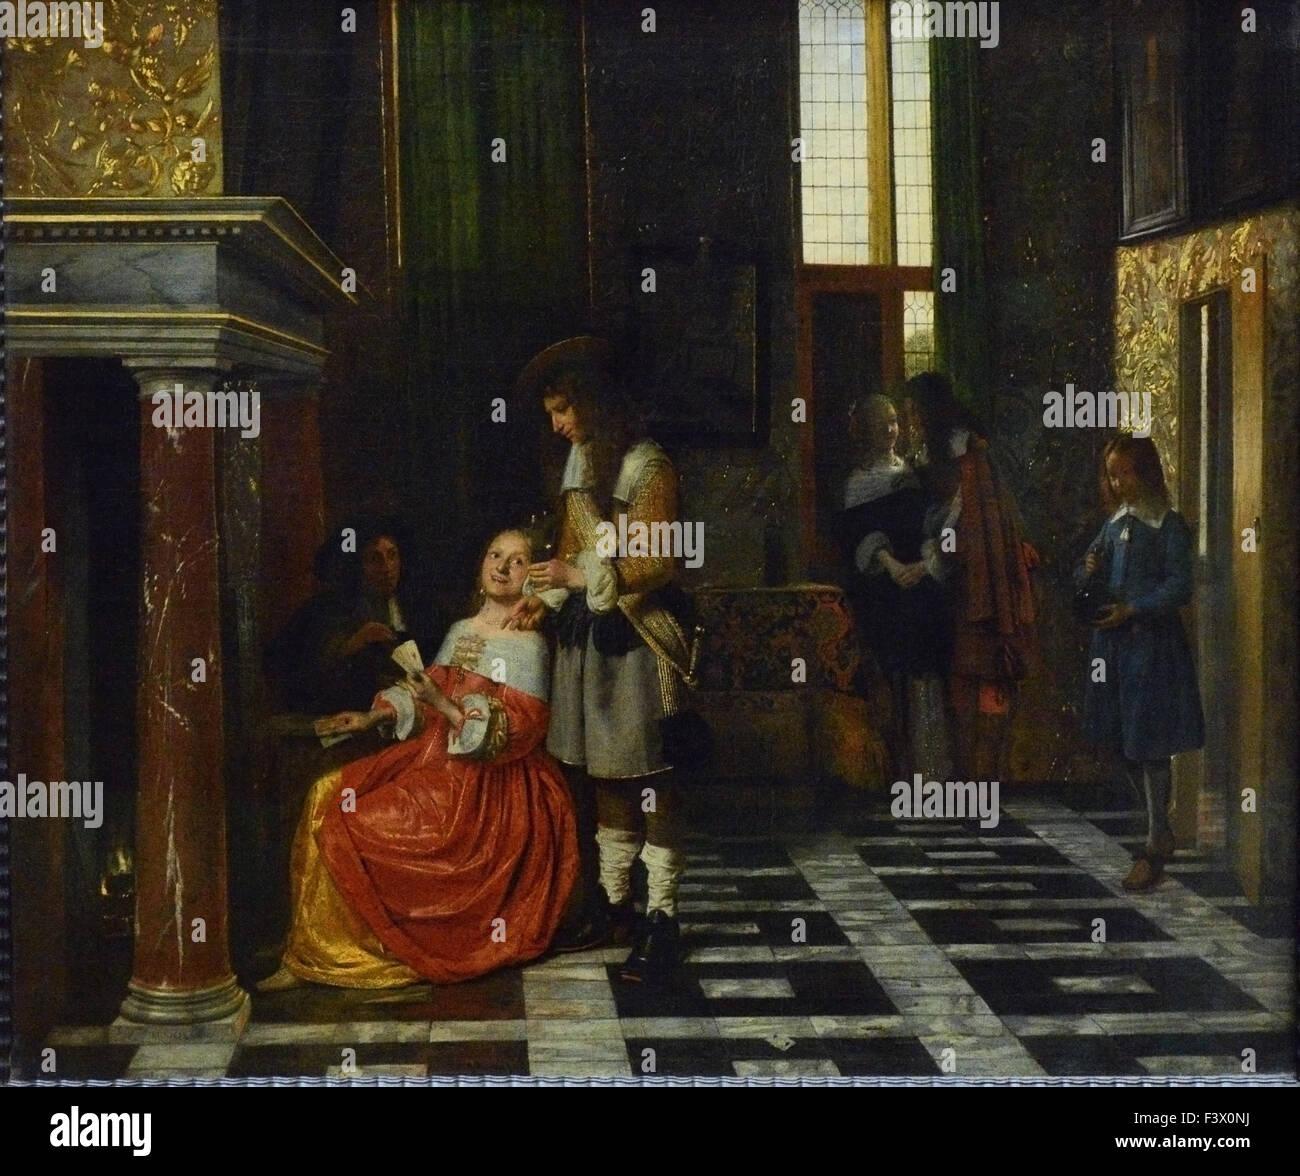 Pieter de Hooch - Joueurs de Cartes Dans un Riche Intérieur - Louvre Museum in Paris Stockbild